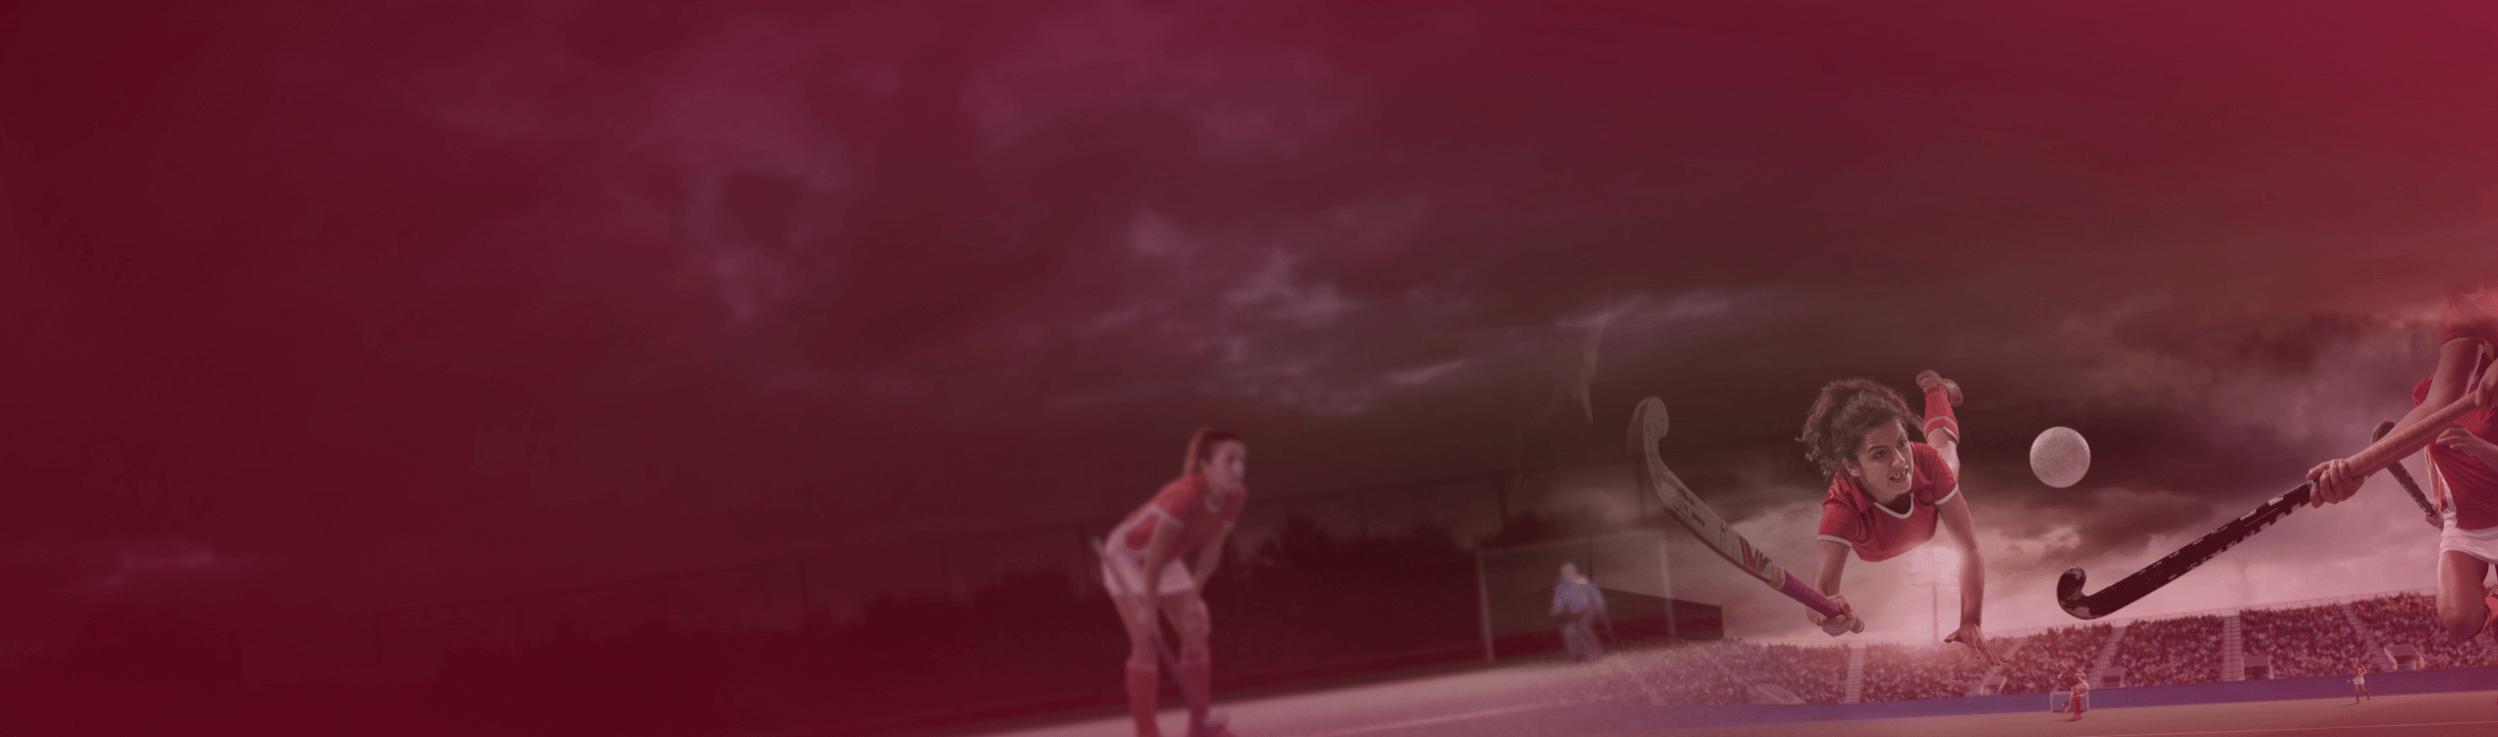 Field Hockey Data Feed